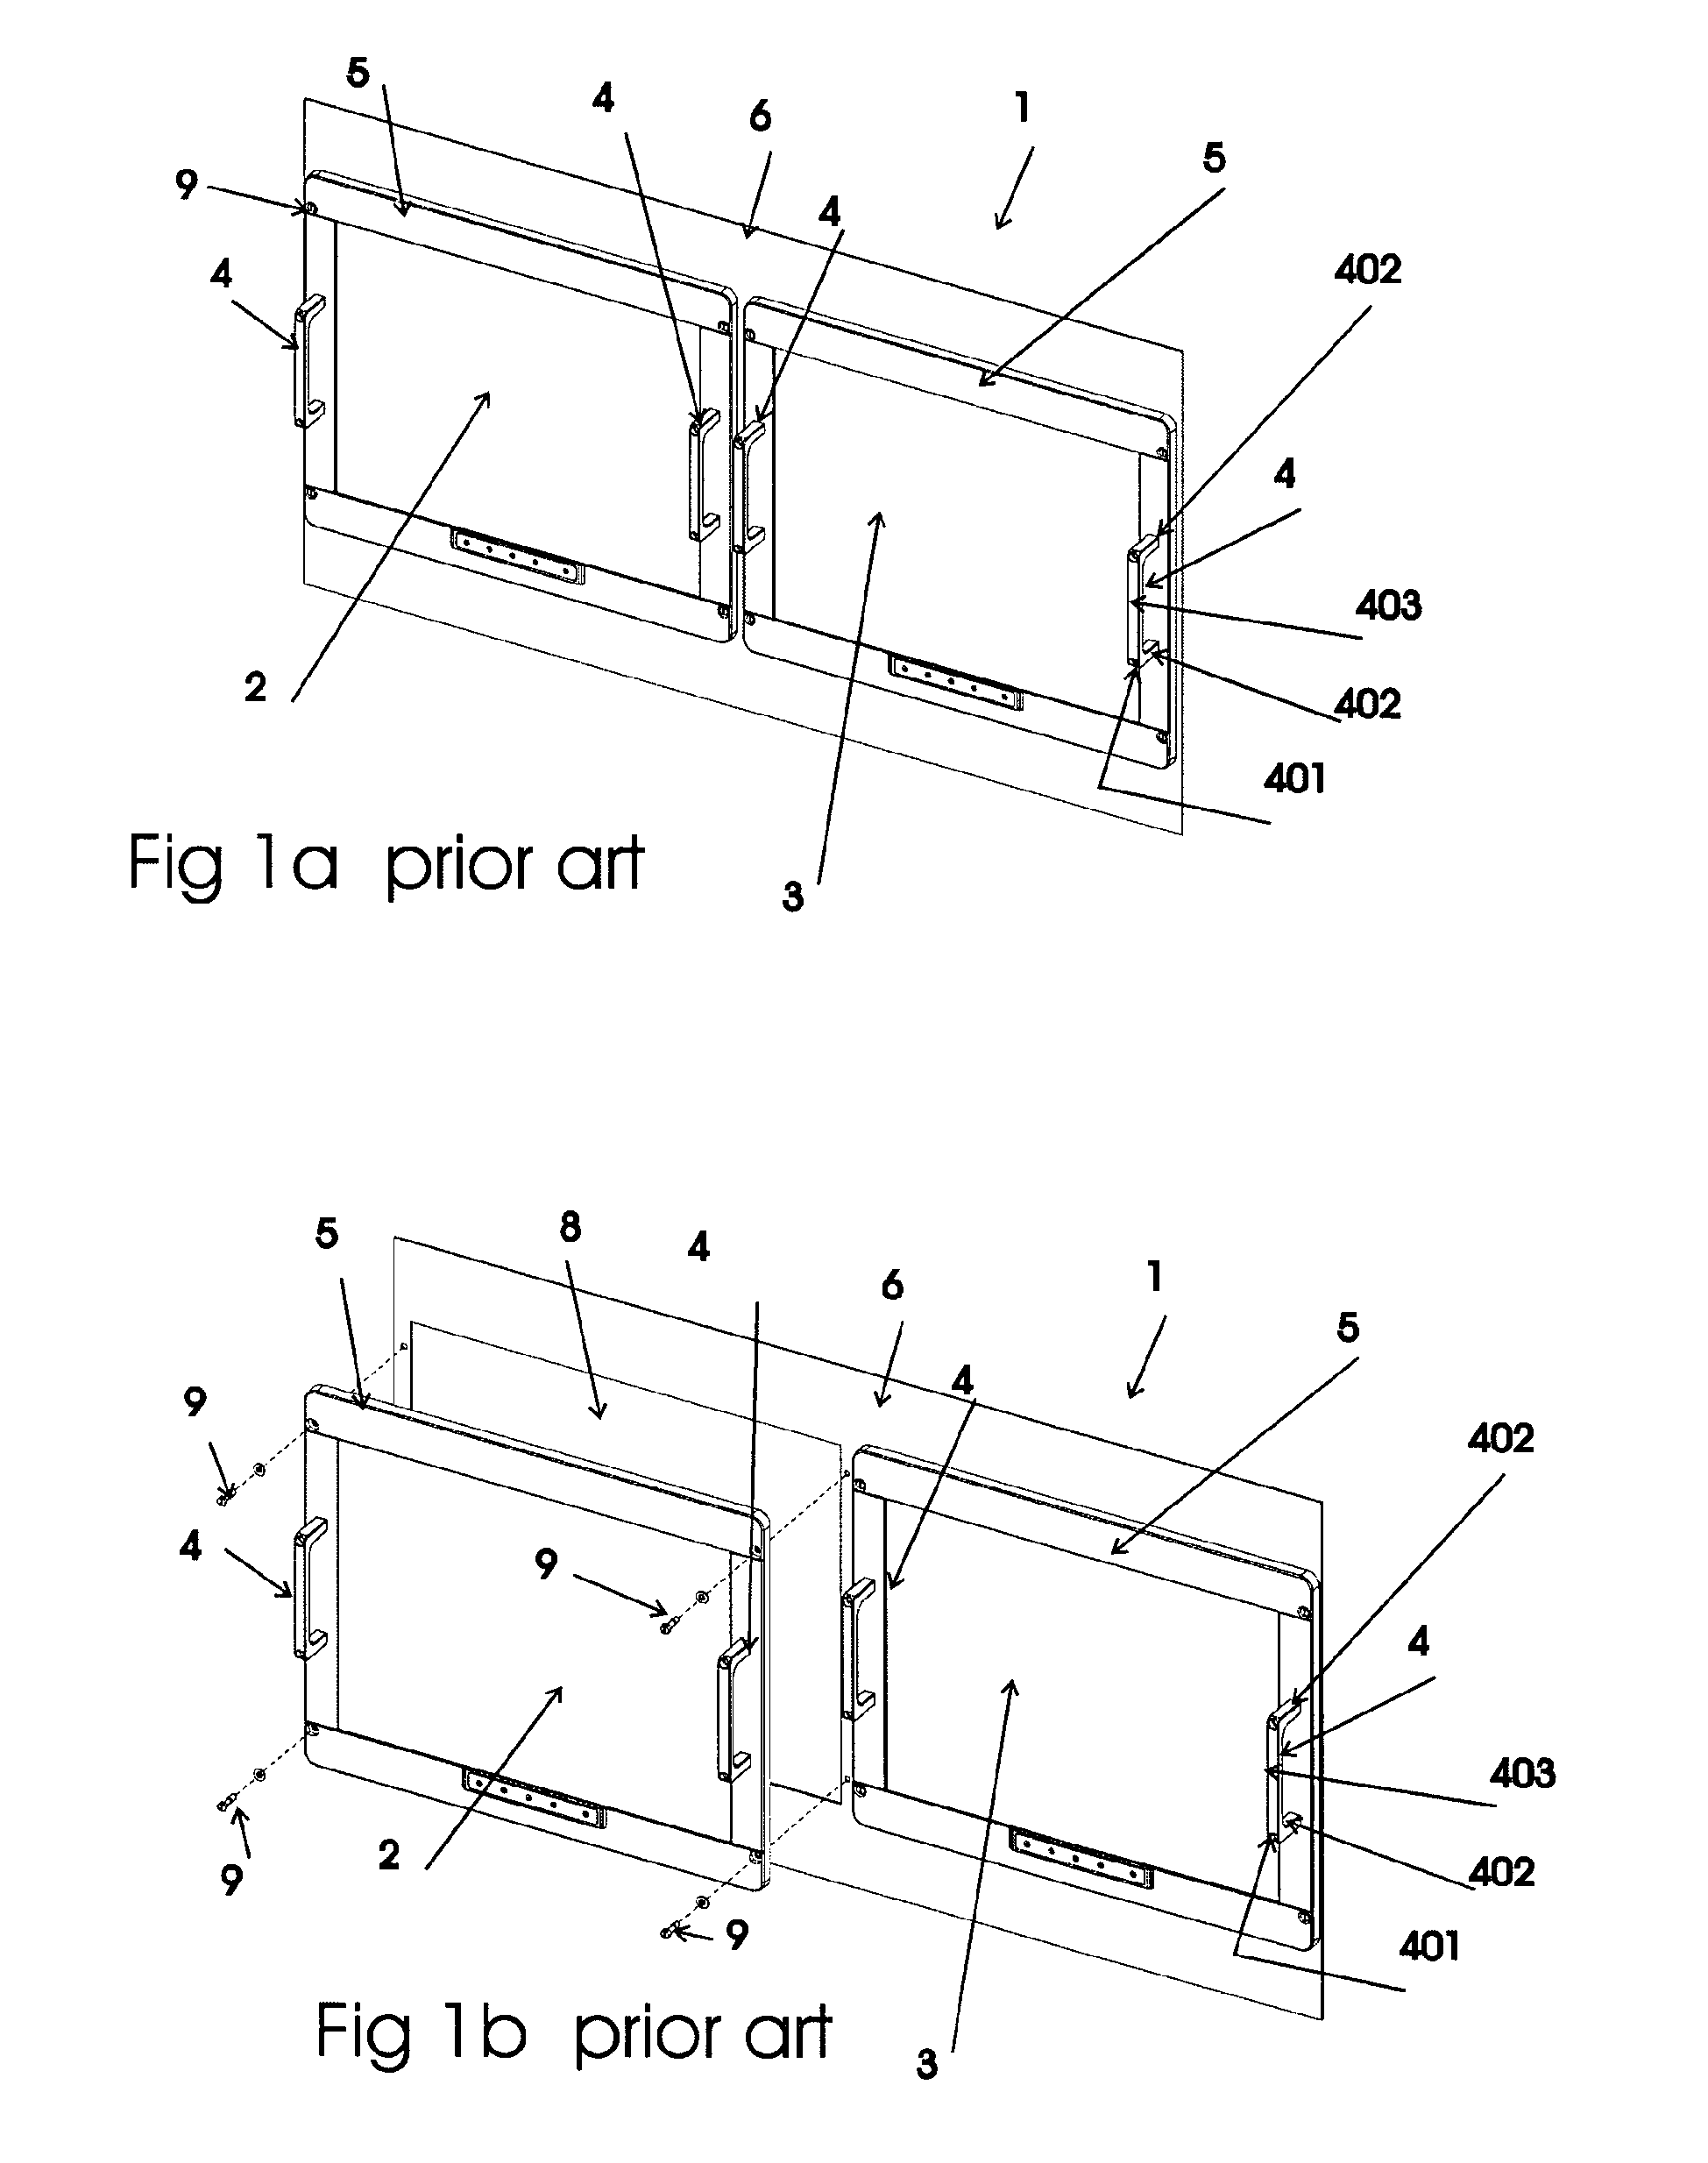 专利ep1841304a1 - a flat